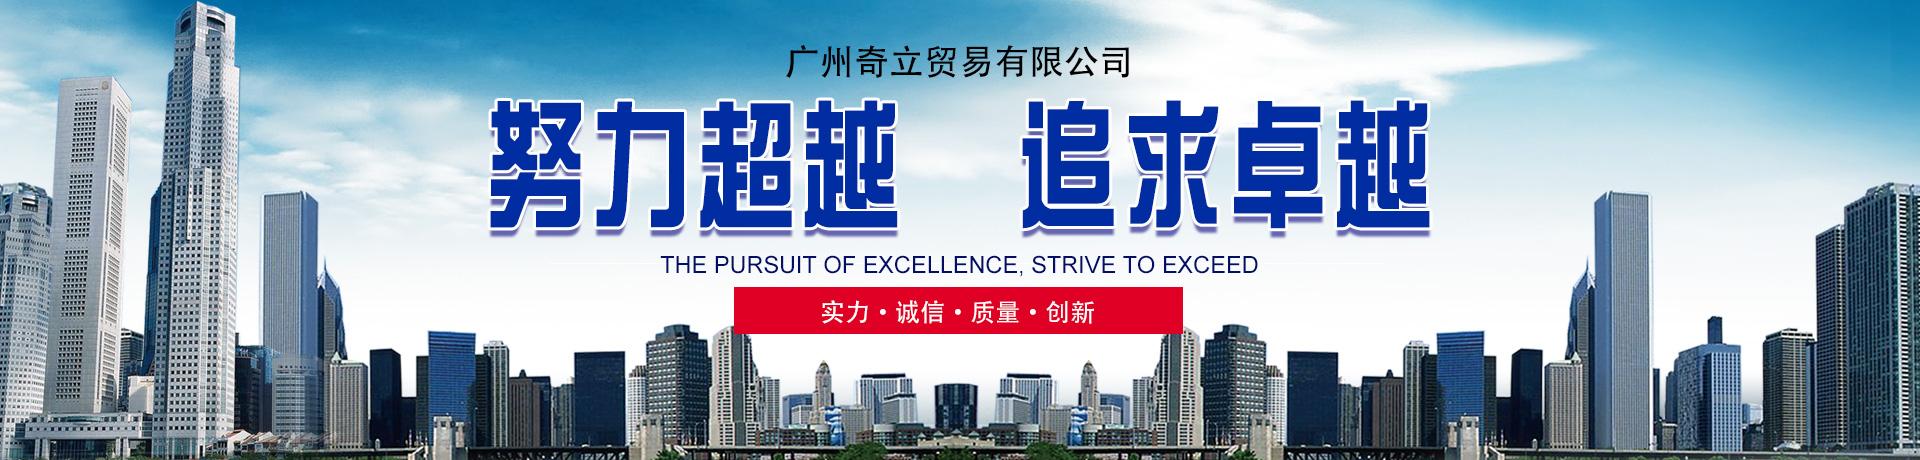 广州奇立贸易有限公司